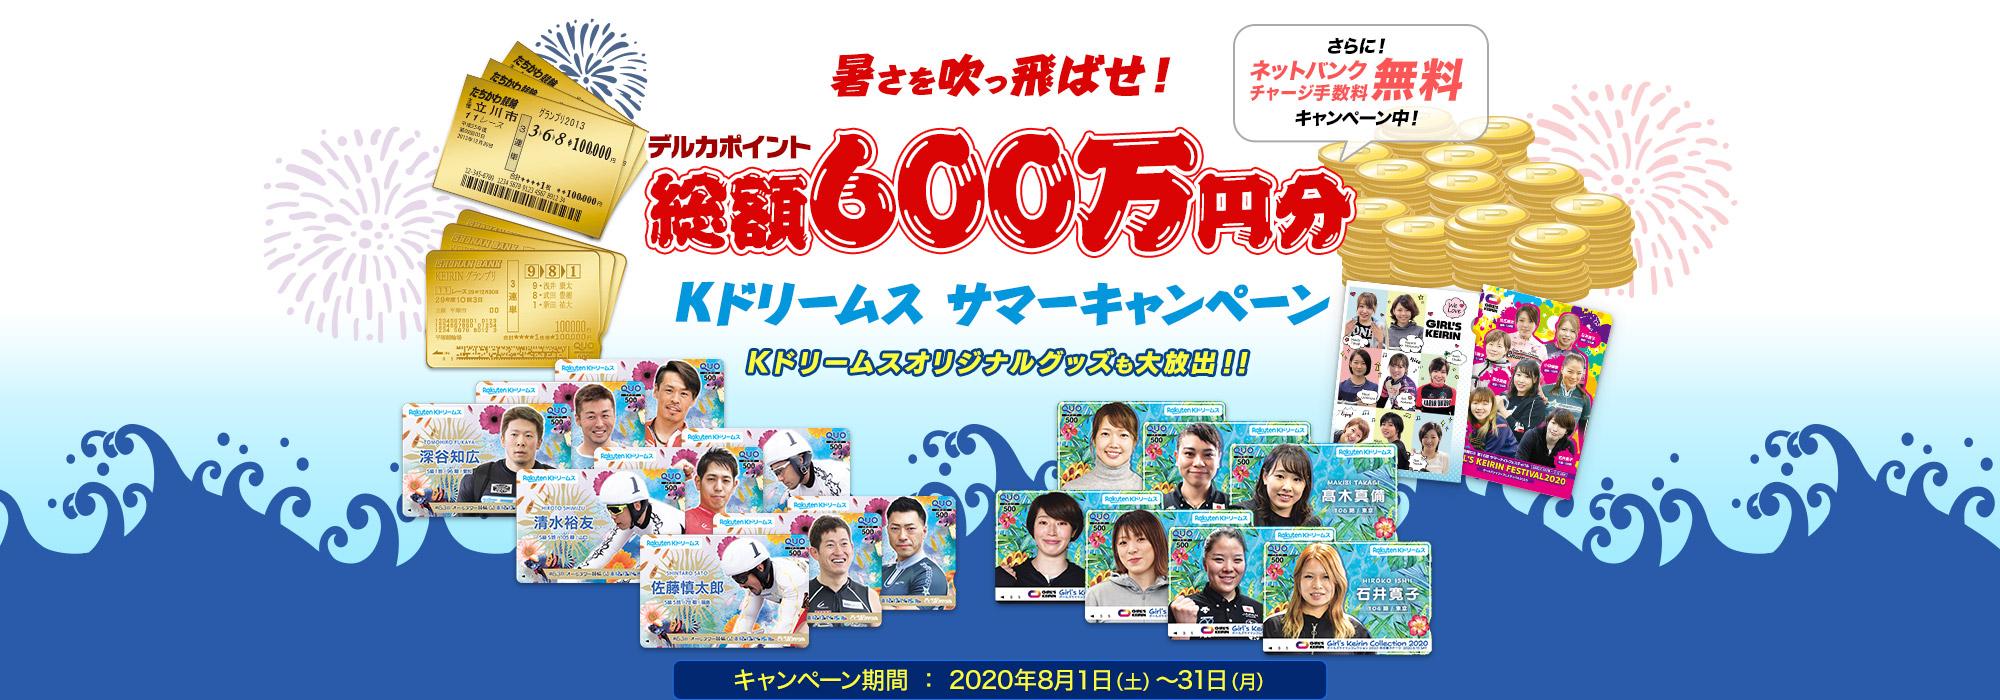 暑さを吹っ飛ばせ!デルカポイント600万円分!Kドリームスサマーキャンペーン